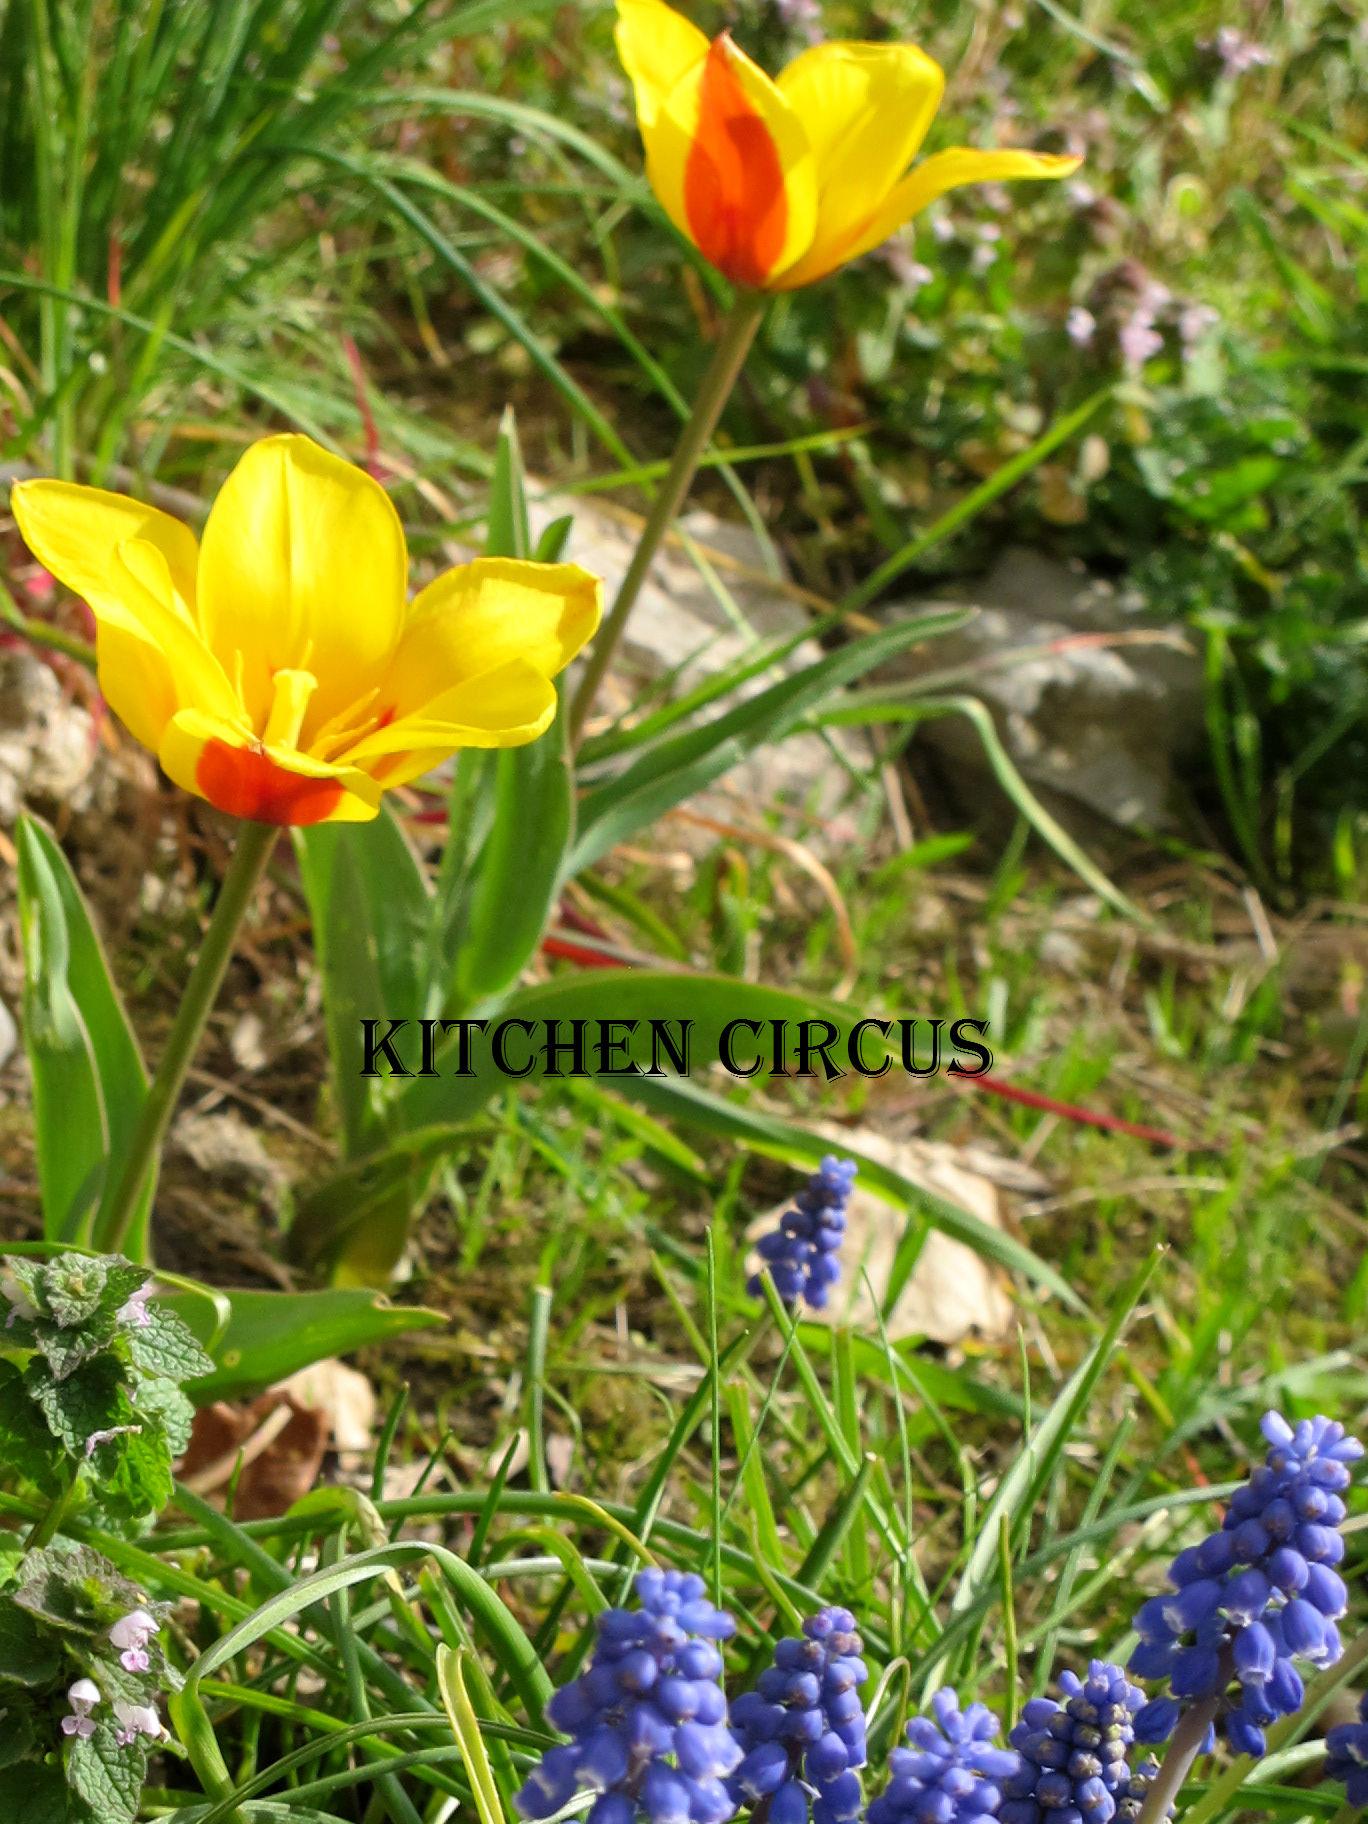 Jardinage: Début Mars, c'est le début des semis dans Jardinage img_4267